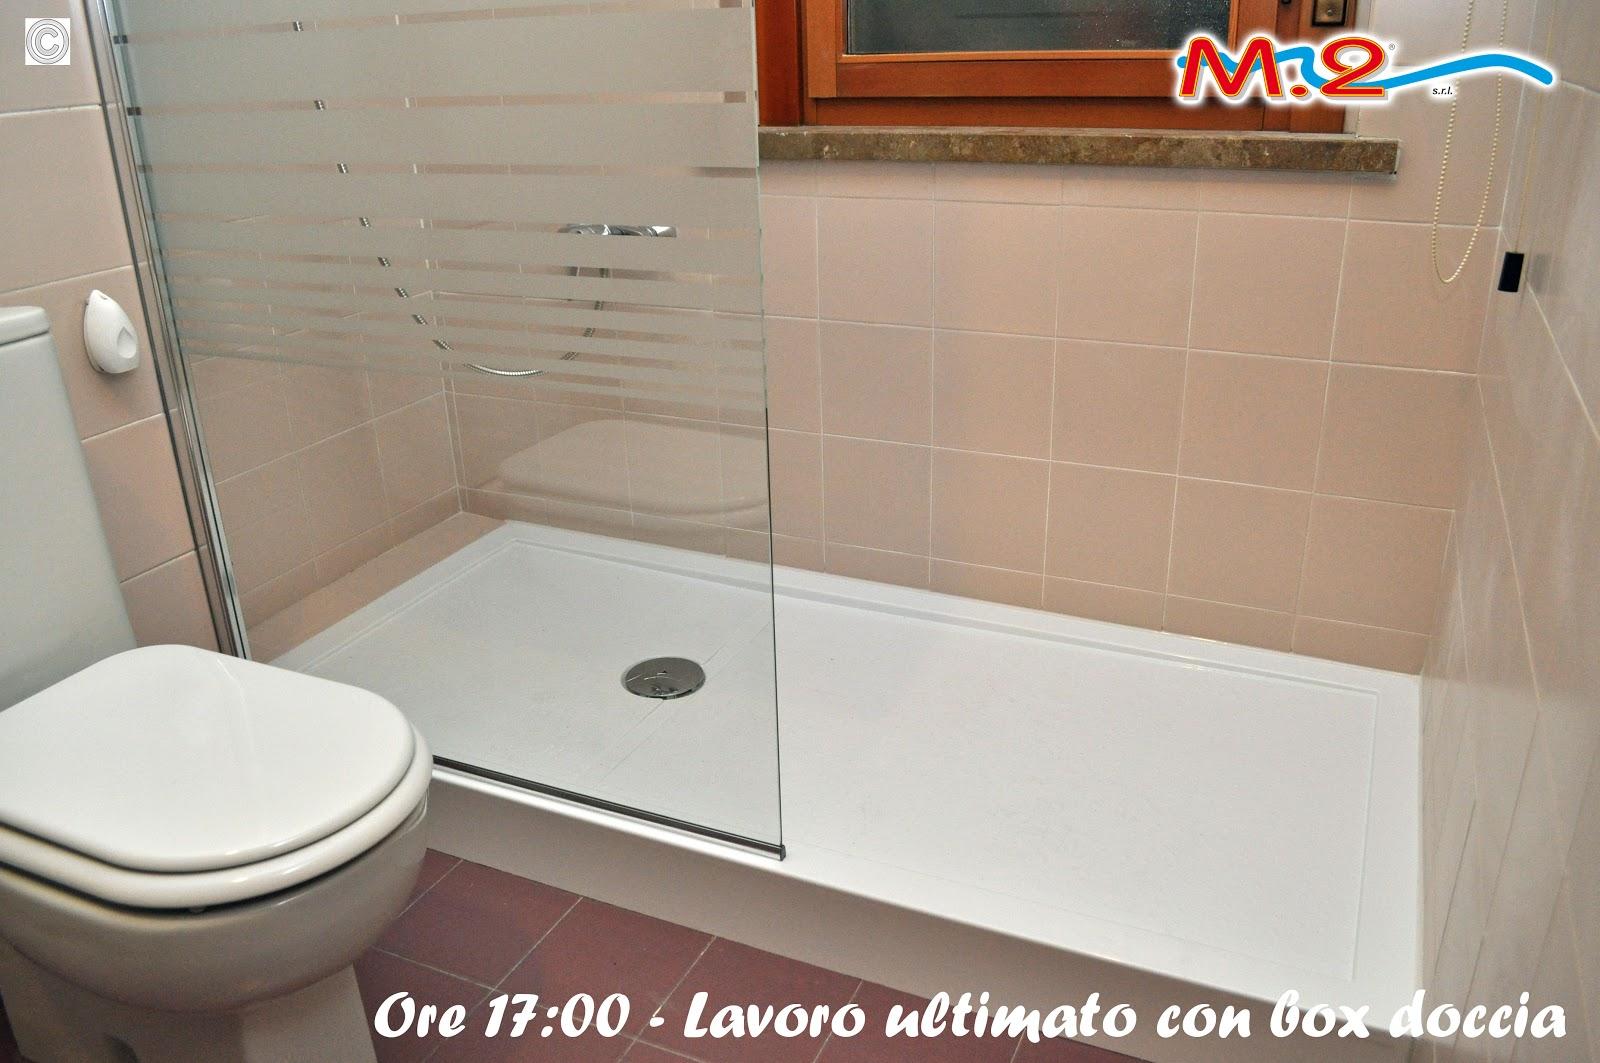 Sostituzione vasca da bagno in 3 muri con piatto doccia e - Da vasca da bagno a doccia ...